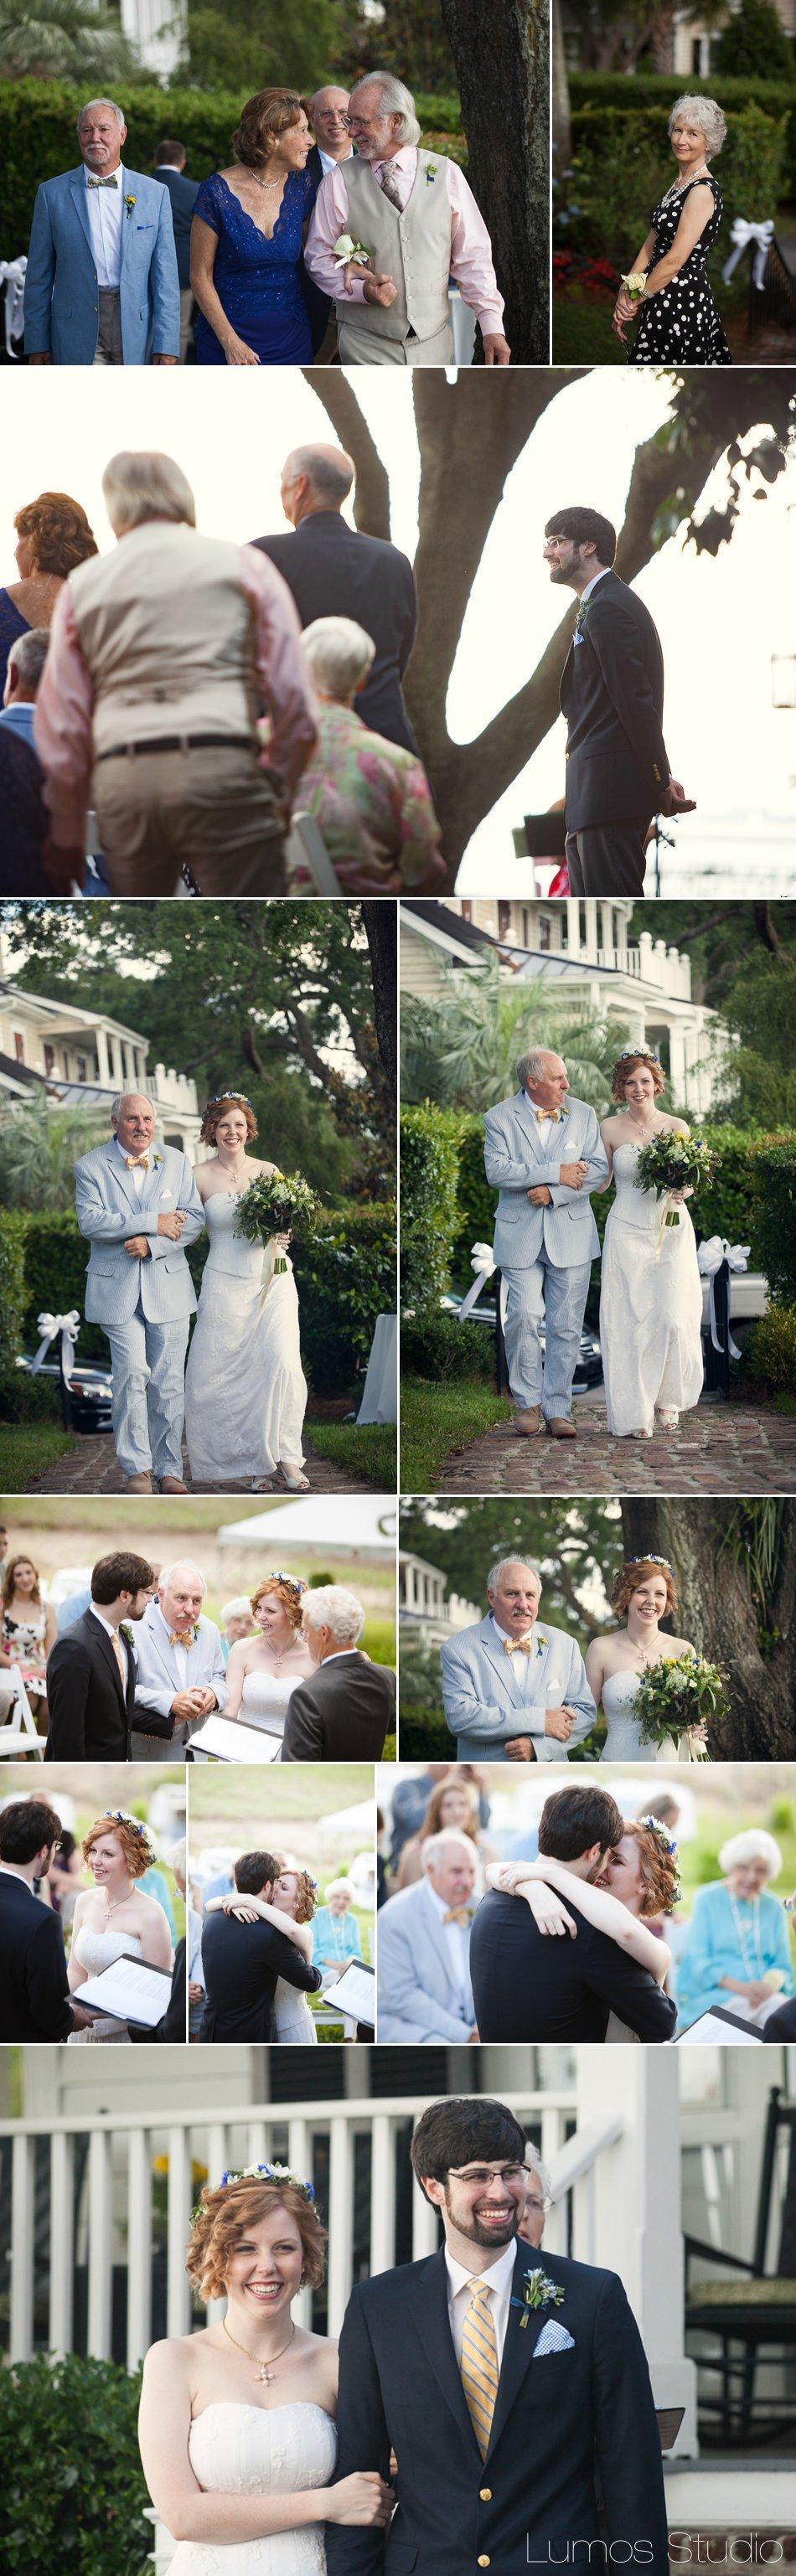 05 Wedding Ceremony